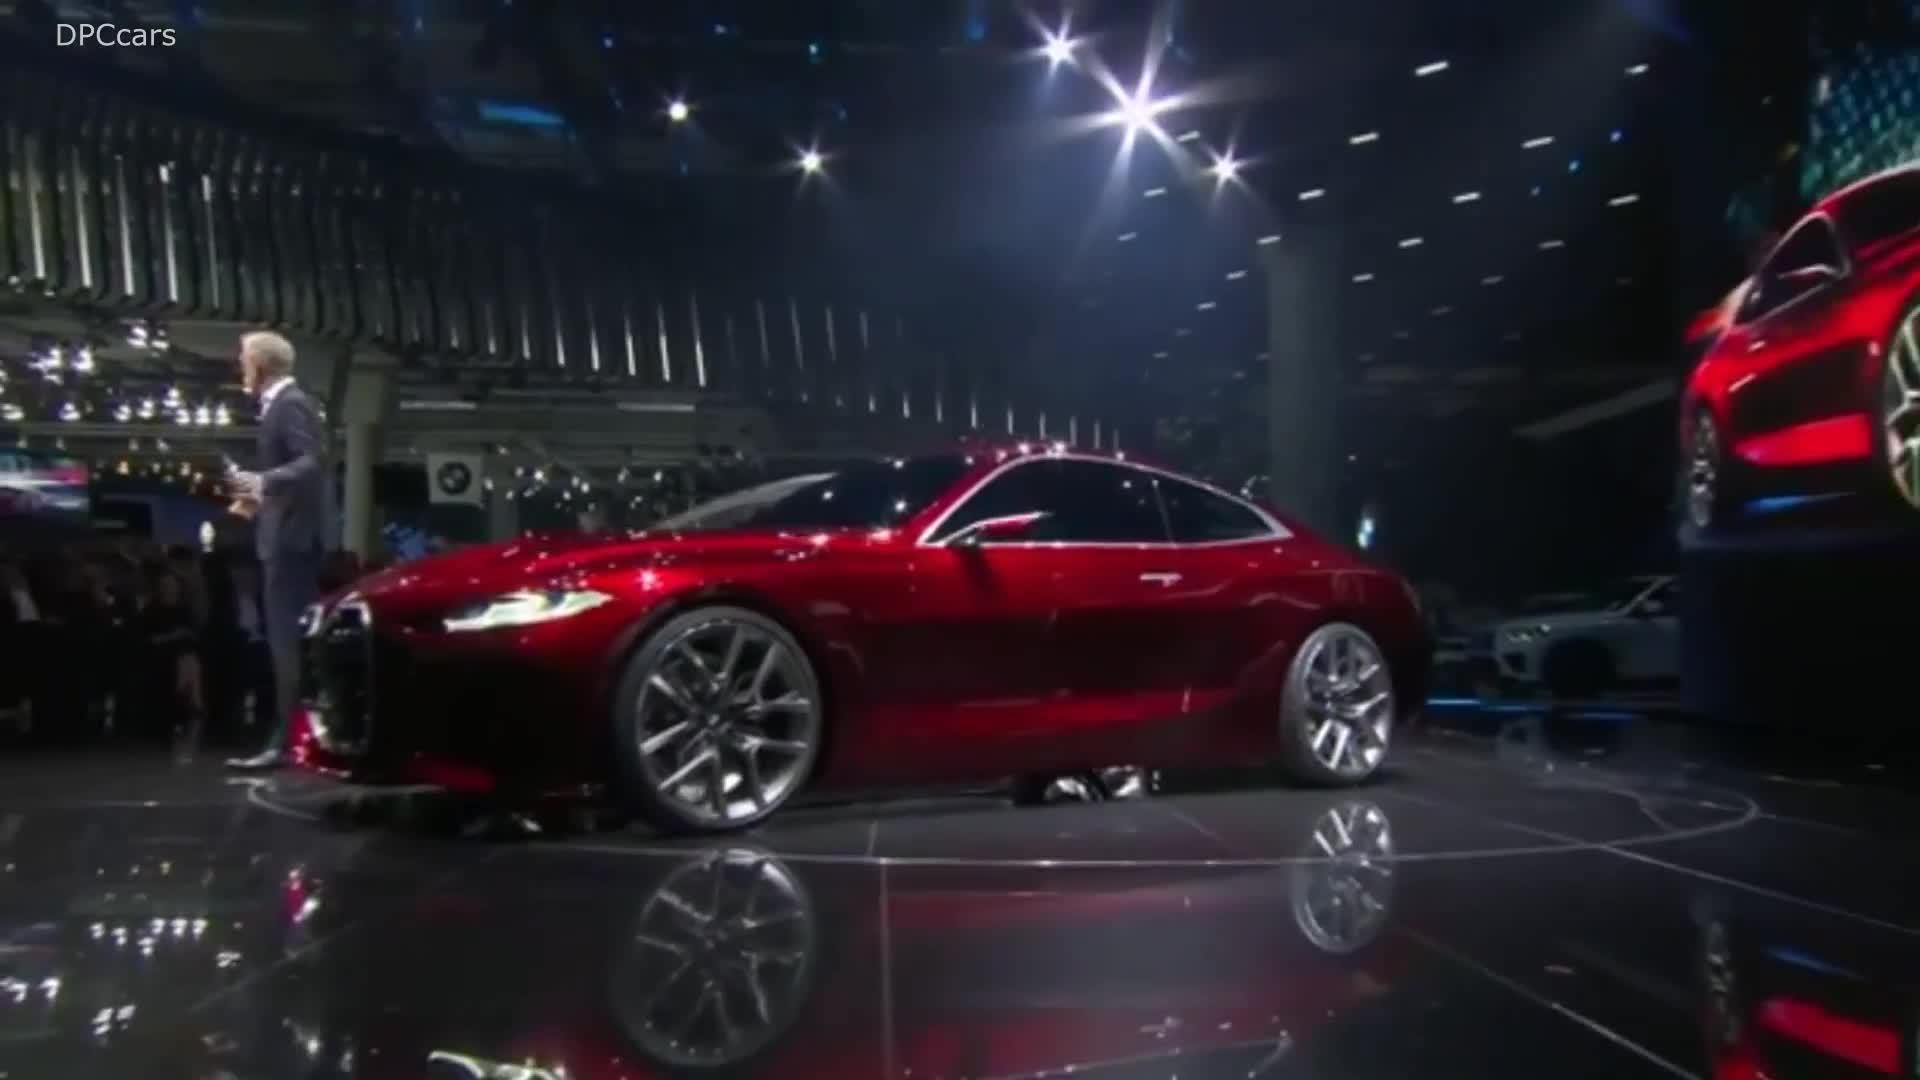 BMW giới thiệu BMW concept 4 tại IAA 2019